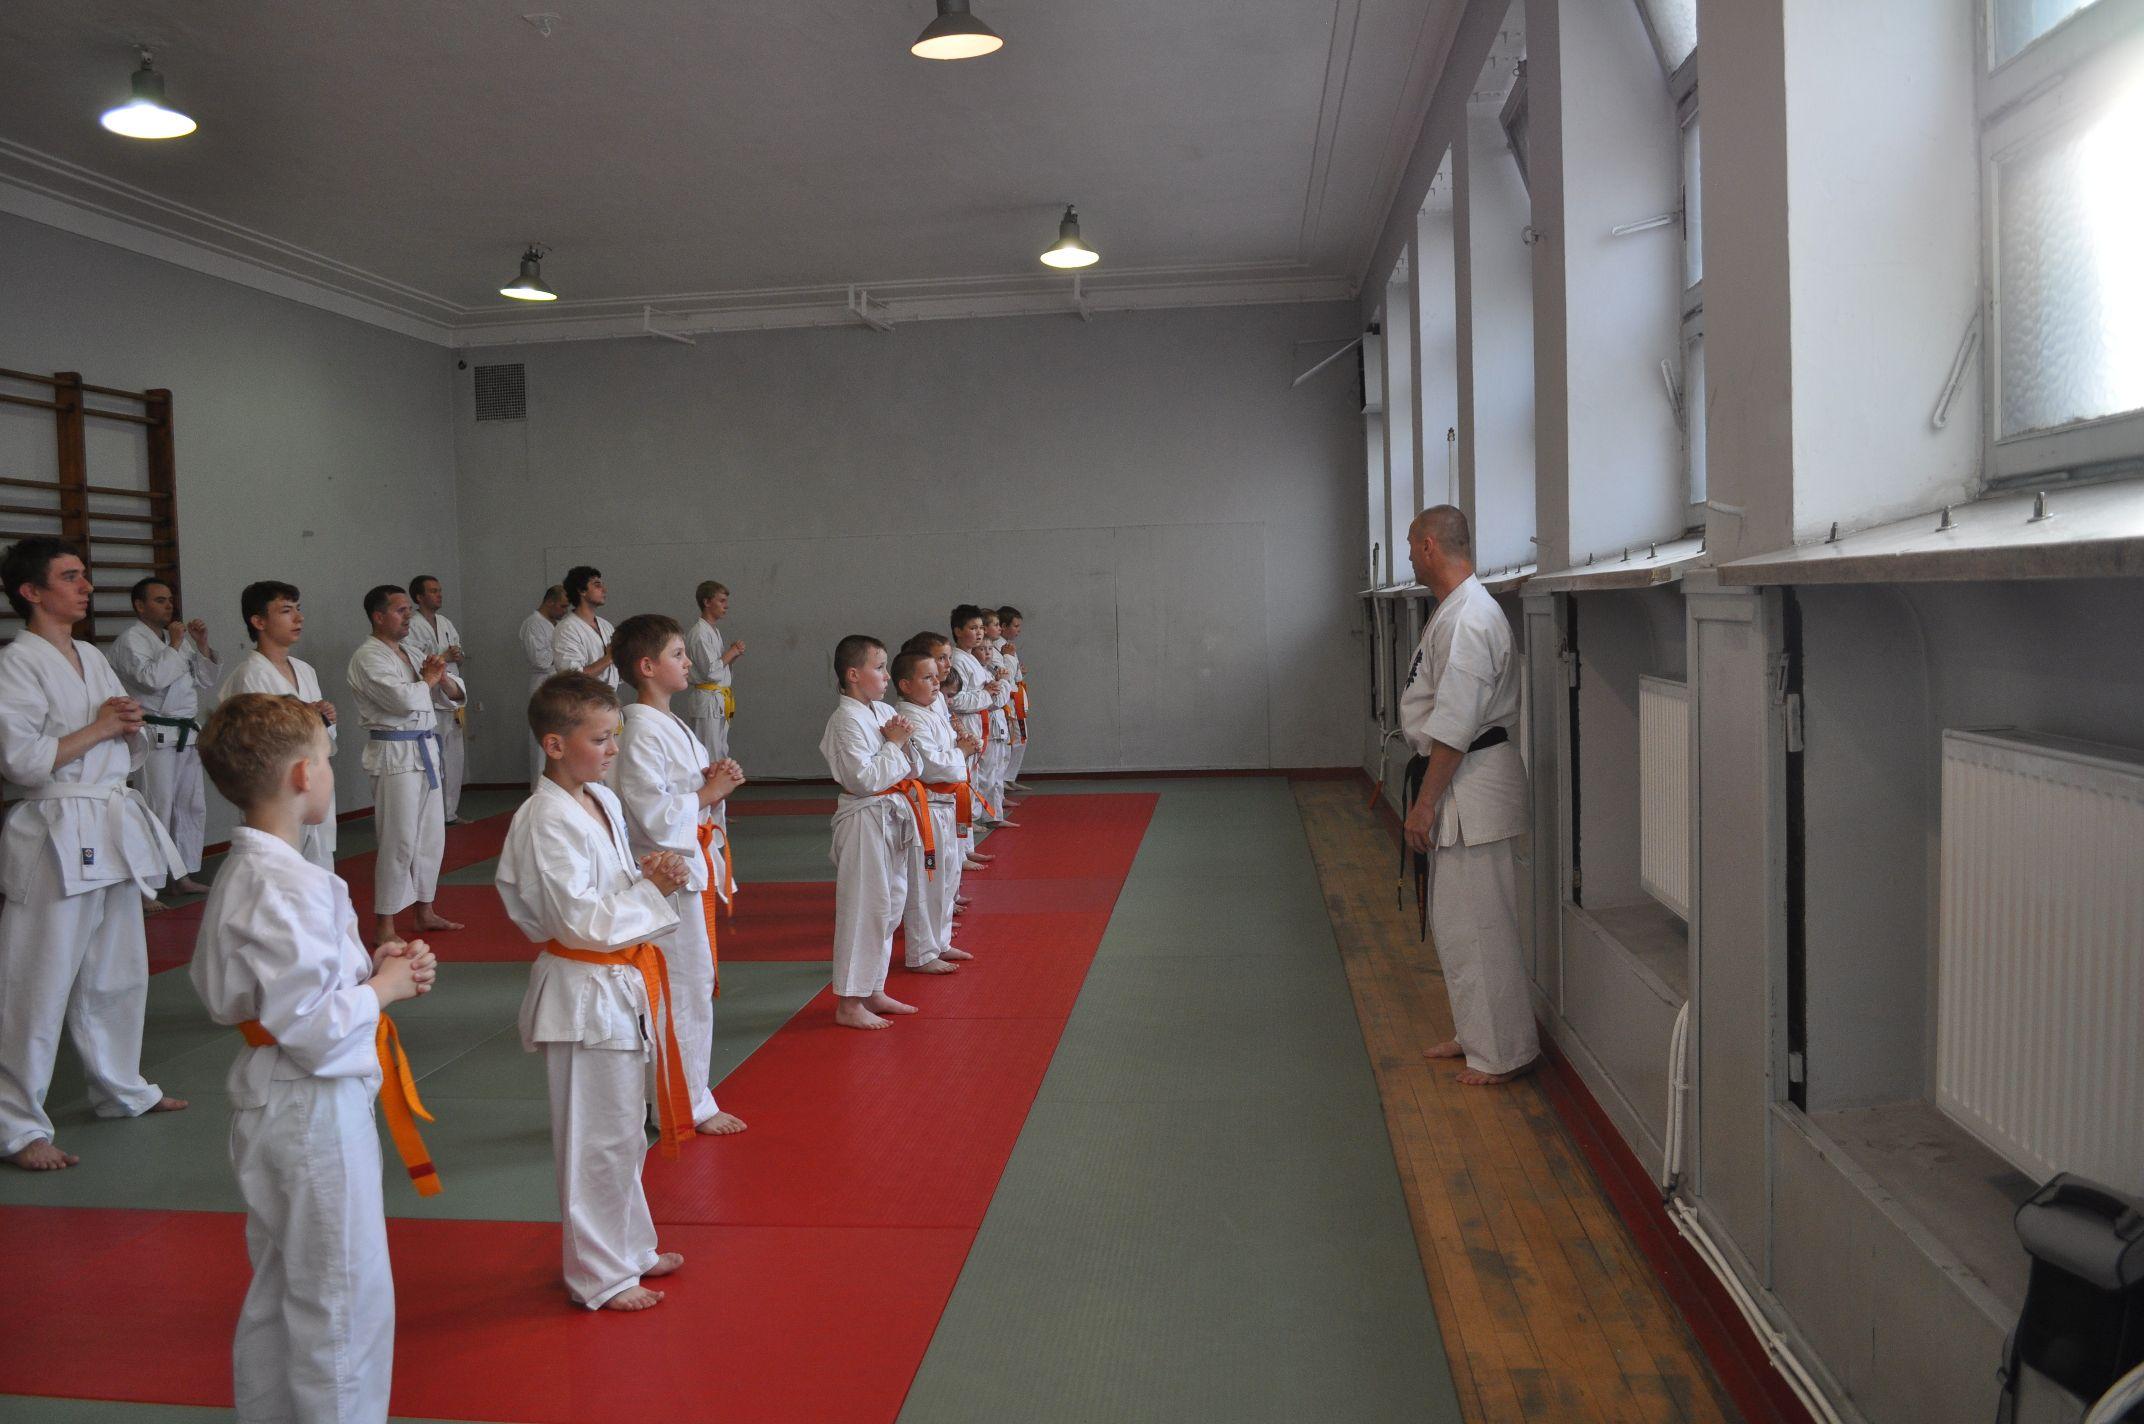 egzaminczerwiec2011_9